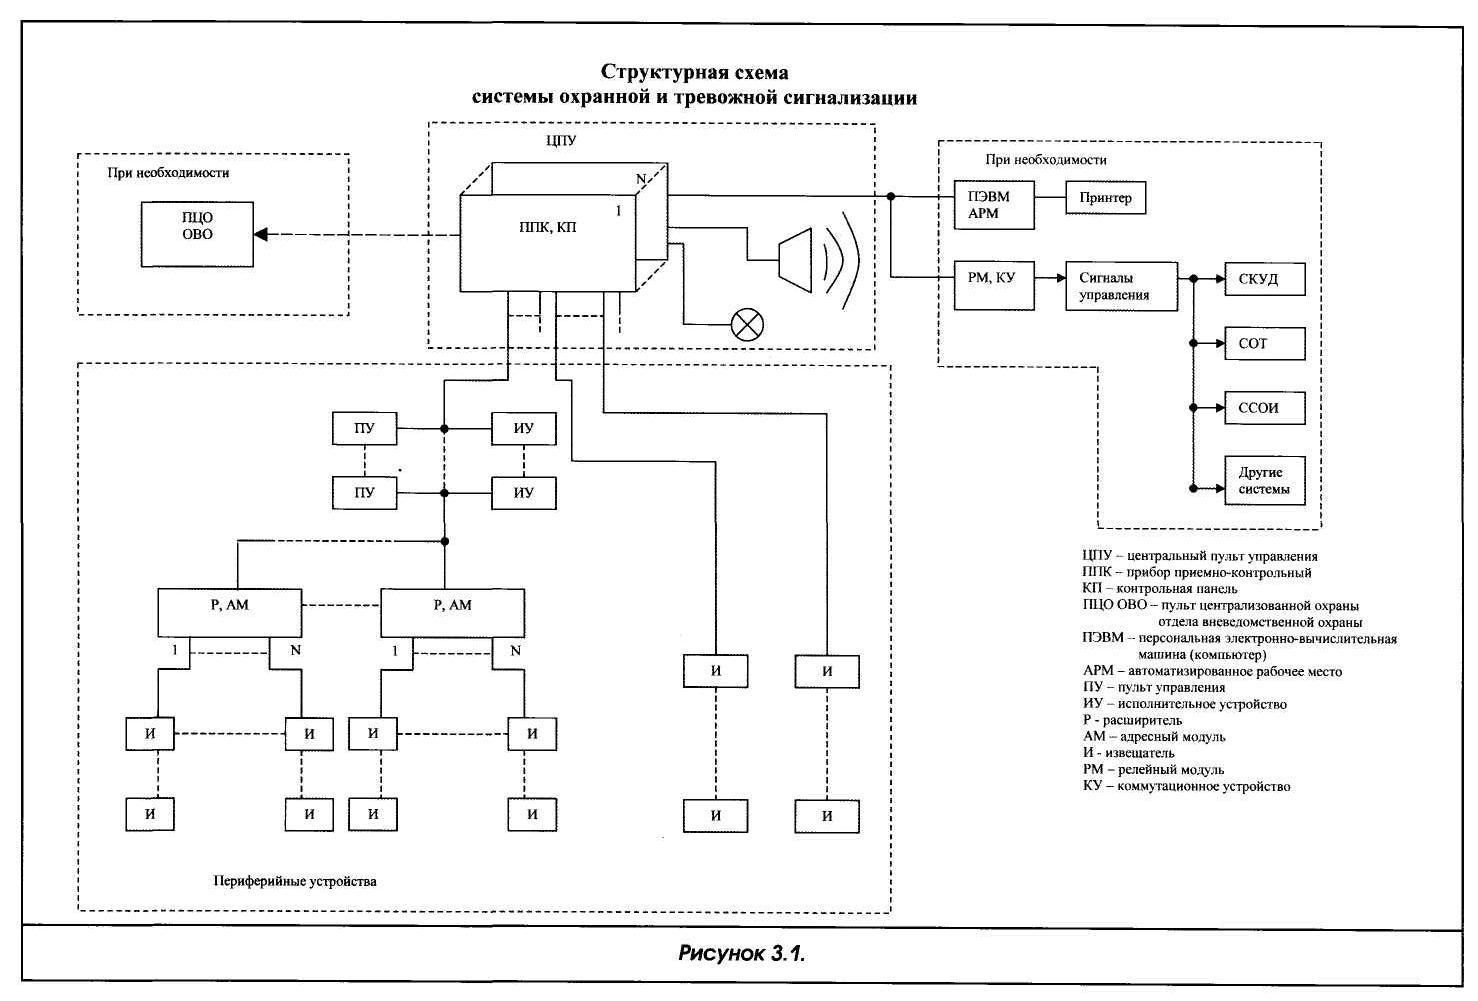 Инструкция типовой план пламя на объекты мвд